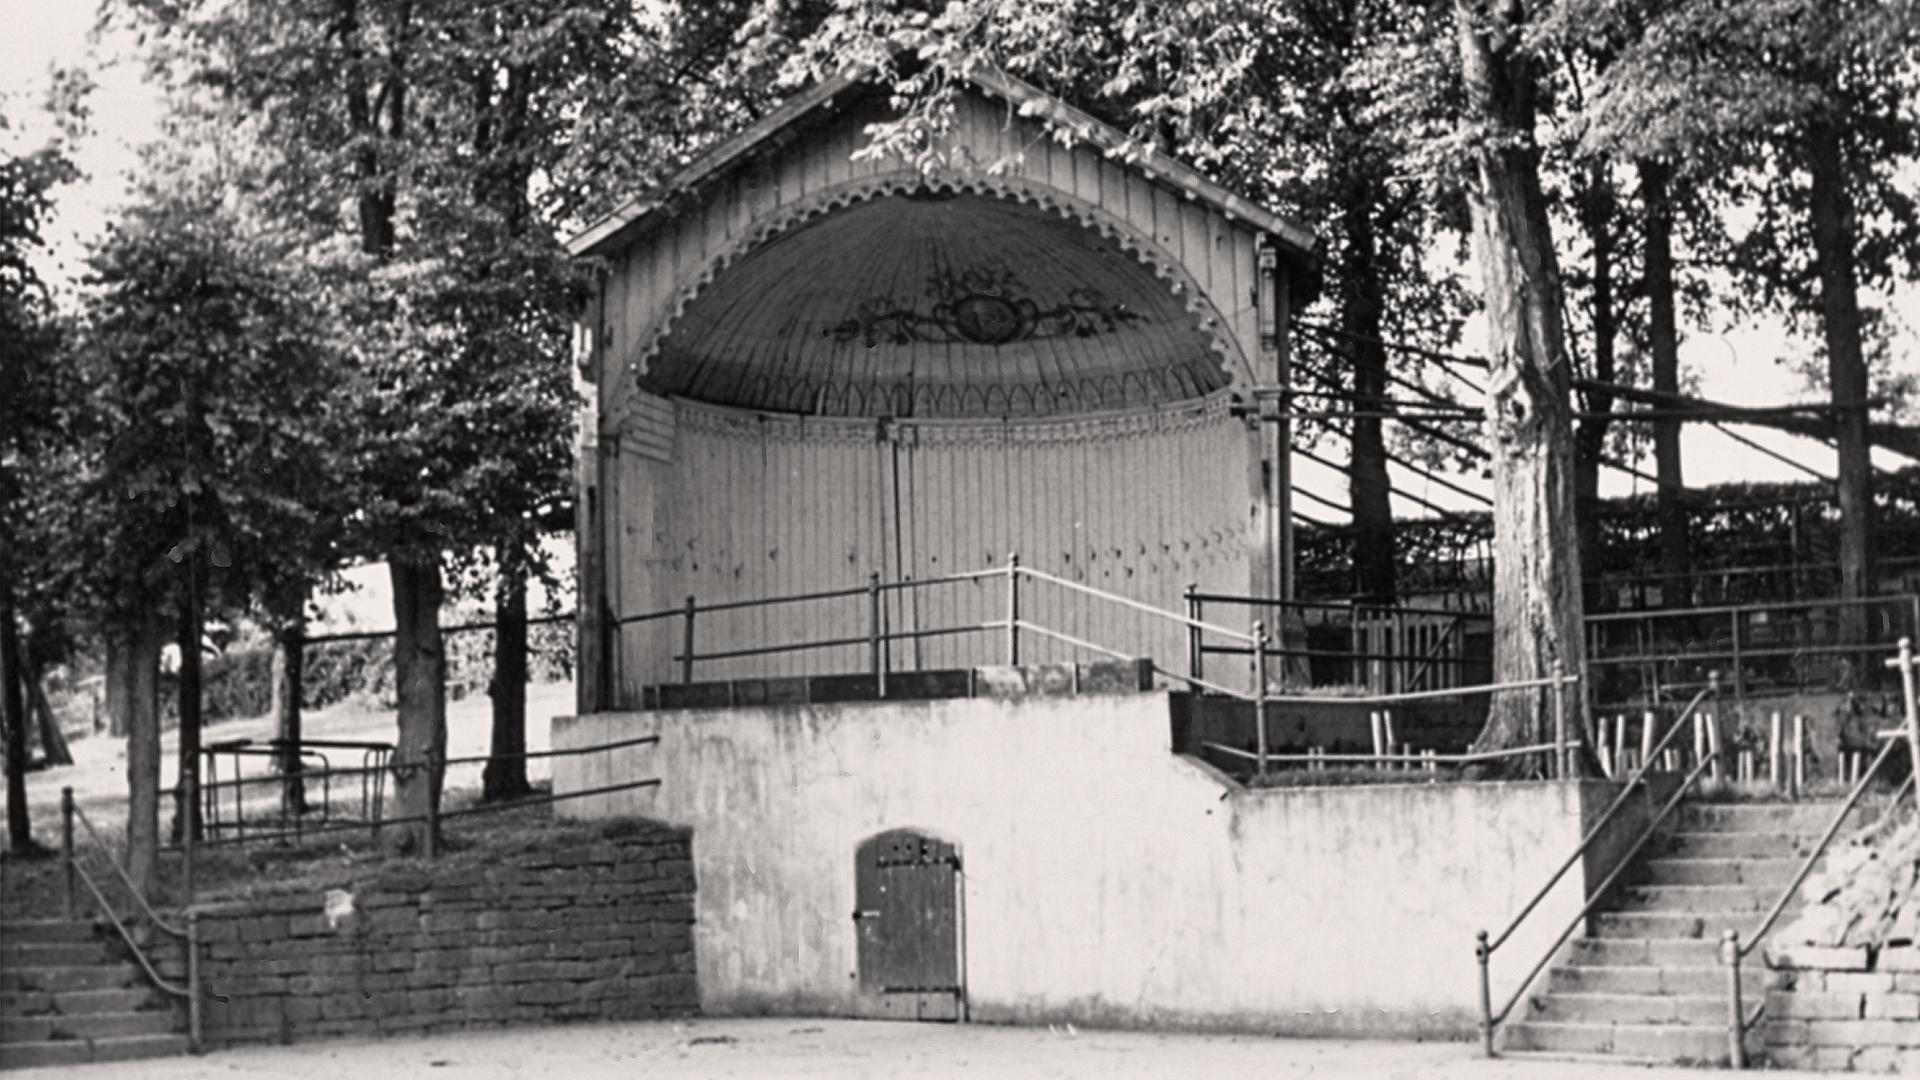 schuetzenverein-olpe-musikpavillion-30er